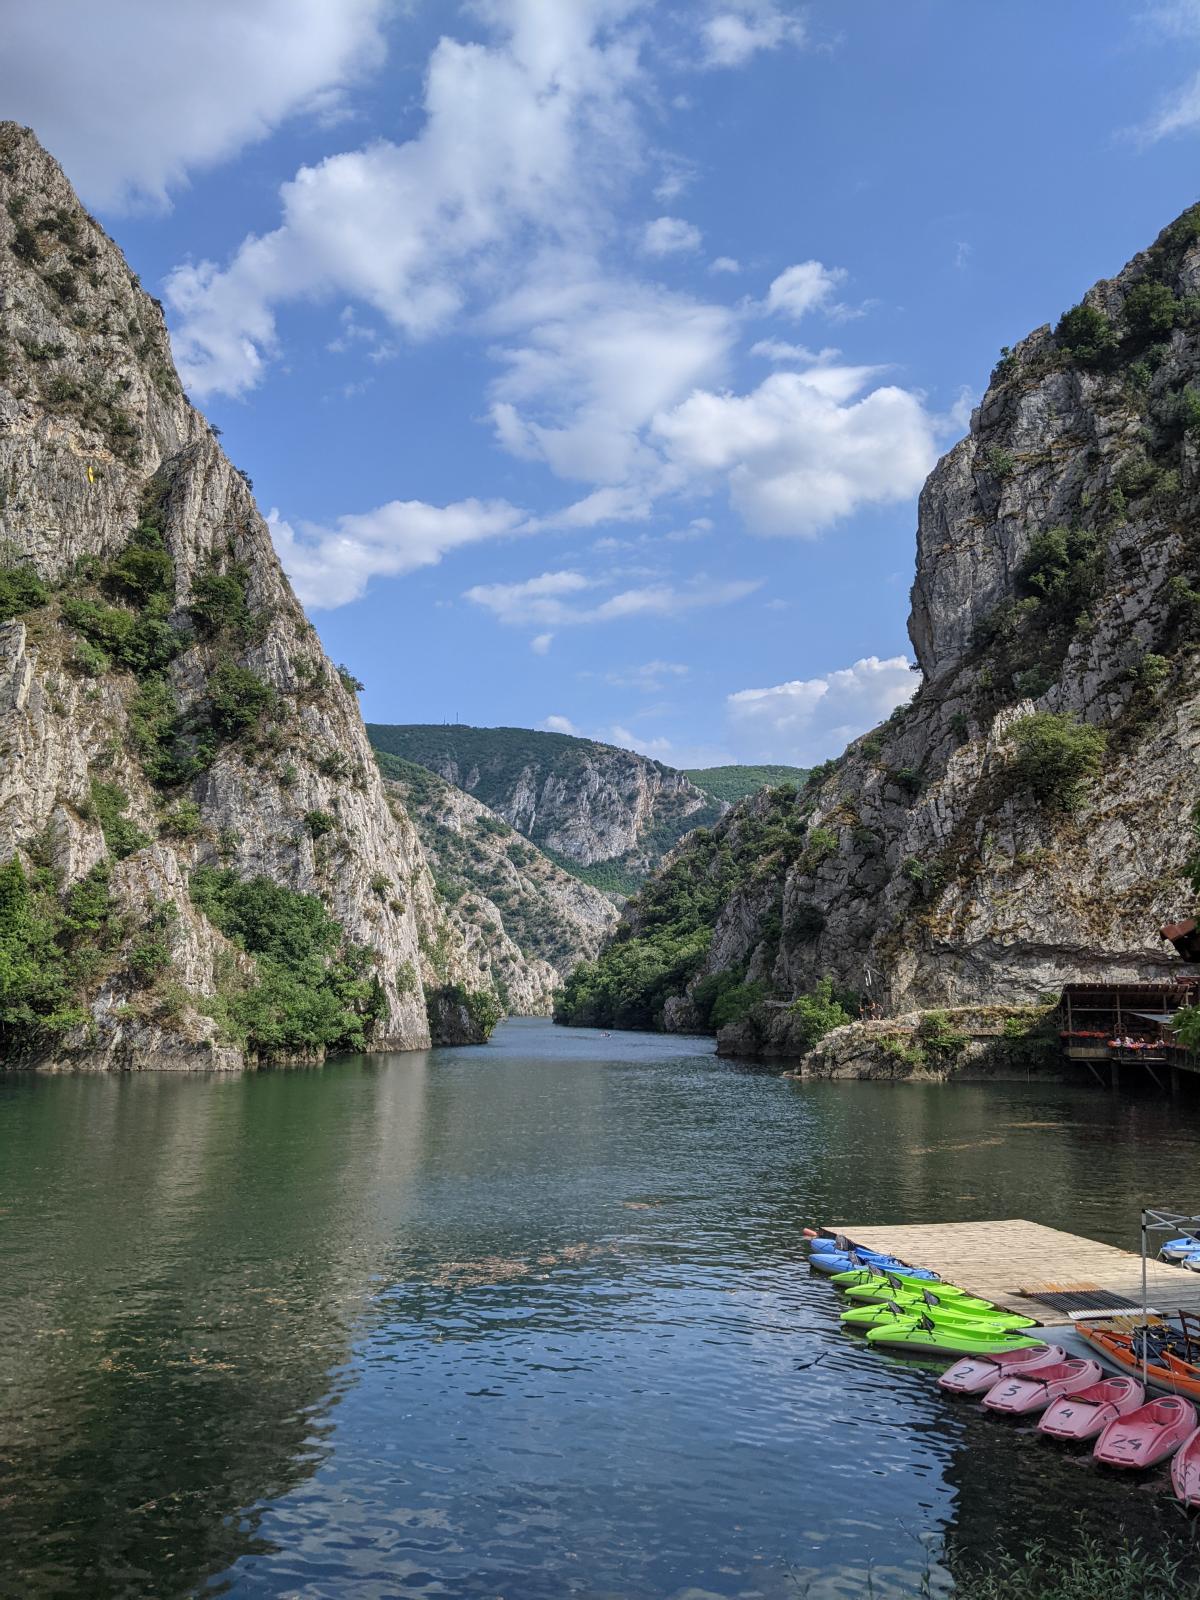 Каньйон Матка - найпопулярніше туристичне місце в Скоп'є / фото Ольга Робейко, УНІАН